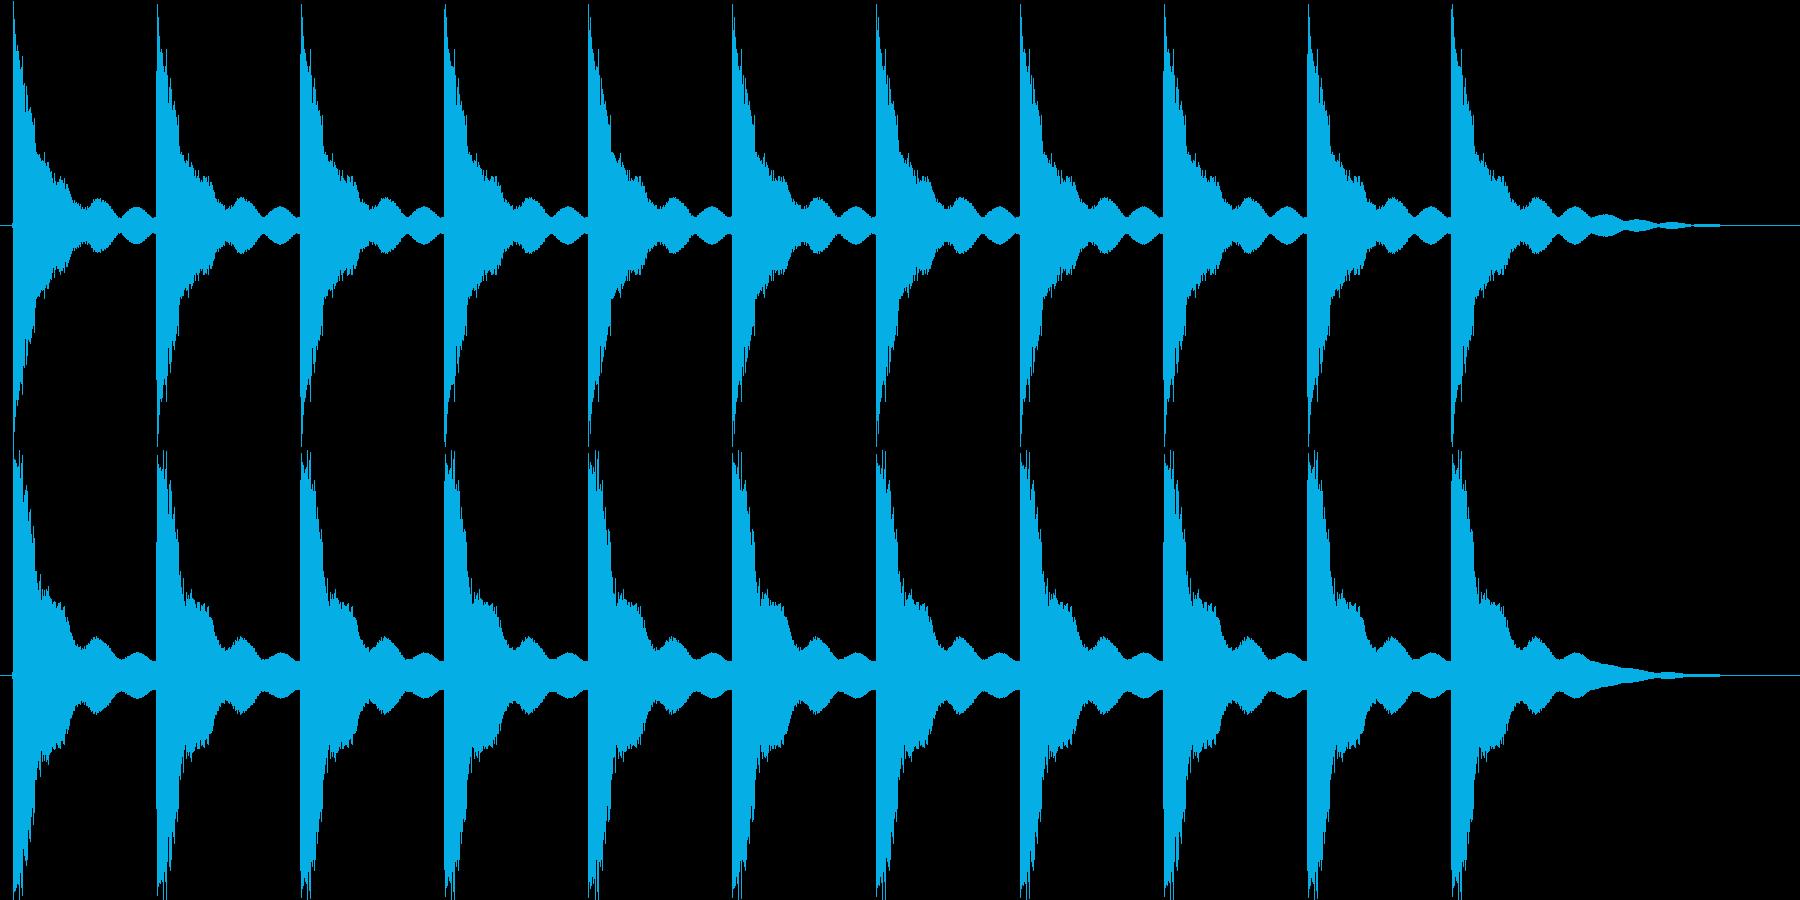 教会の鐘 タイプAの再生済みの波形